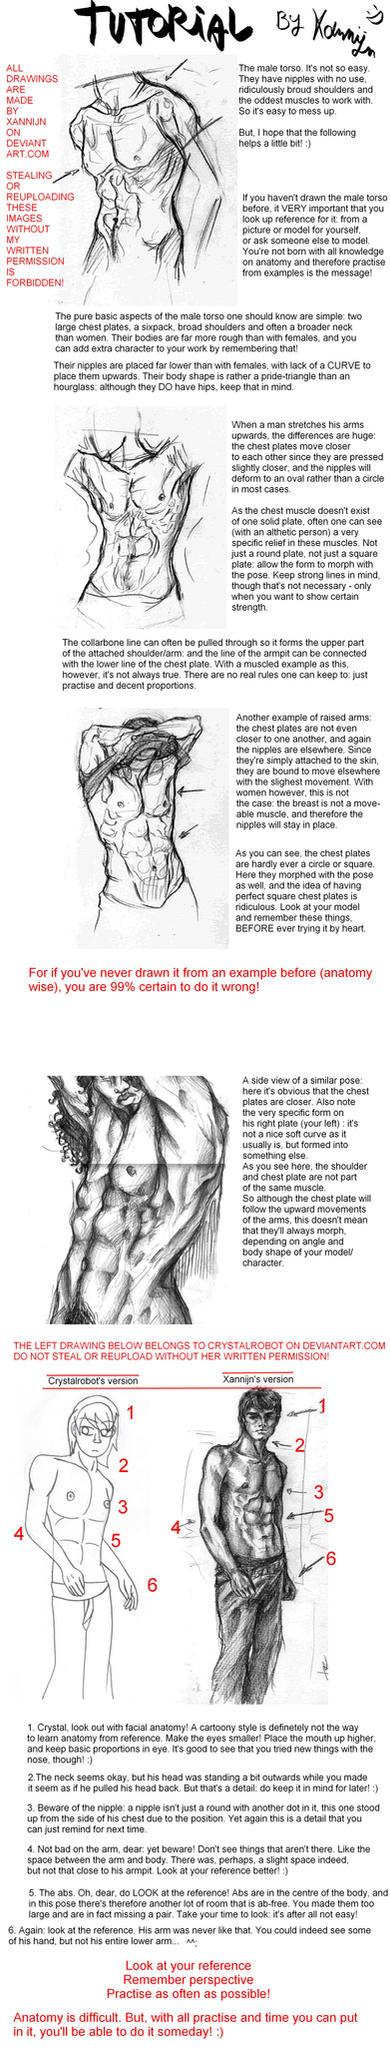 Male torso tutorial by Xannijn on DeviantArt